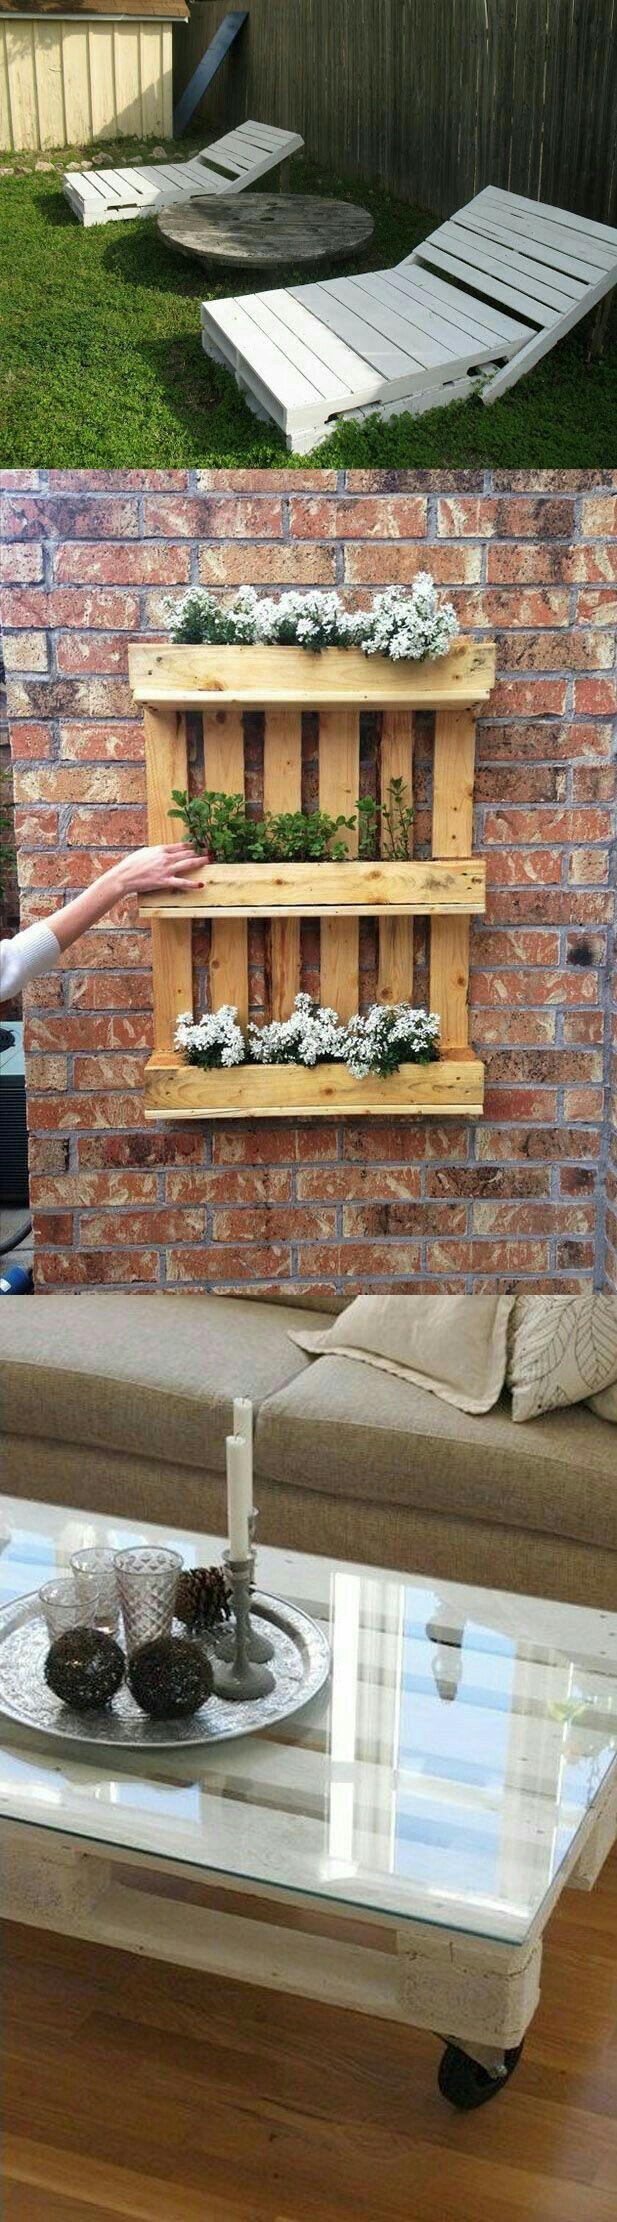 Oltre 25 fantastiche idee su panchine da giardino su pinterest - Giardino pallet ...